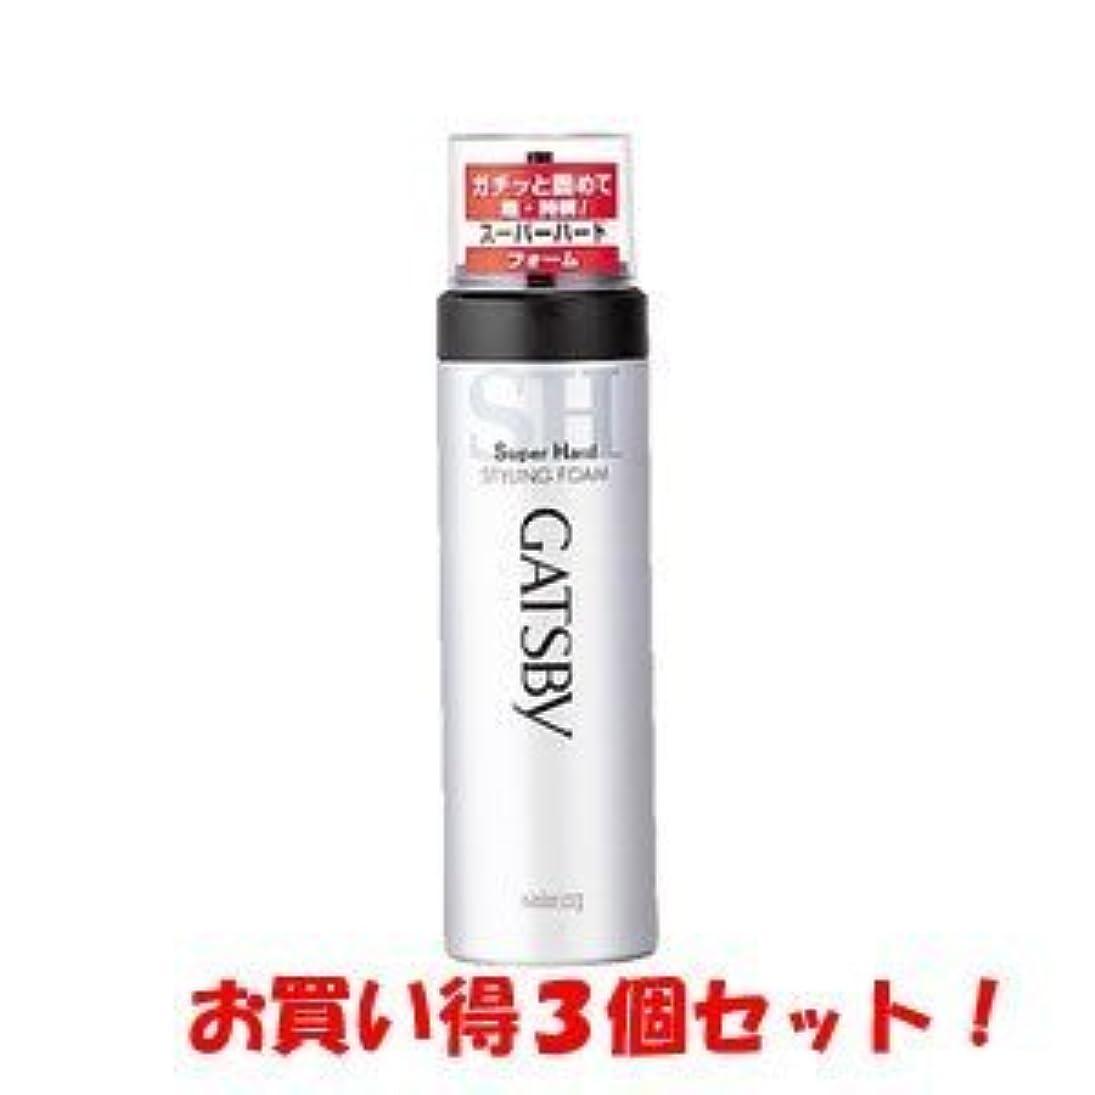 餌空いているマダムギャツビー【GATSBY】スタイリングフォーム スーパーハード 185g(お買い得3個セット)